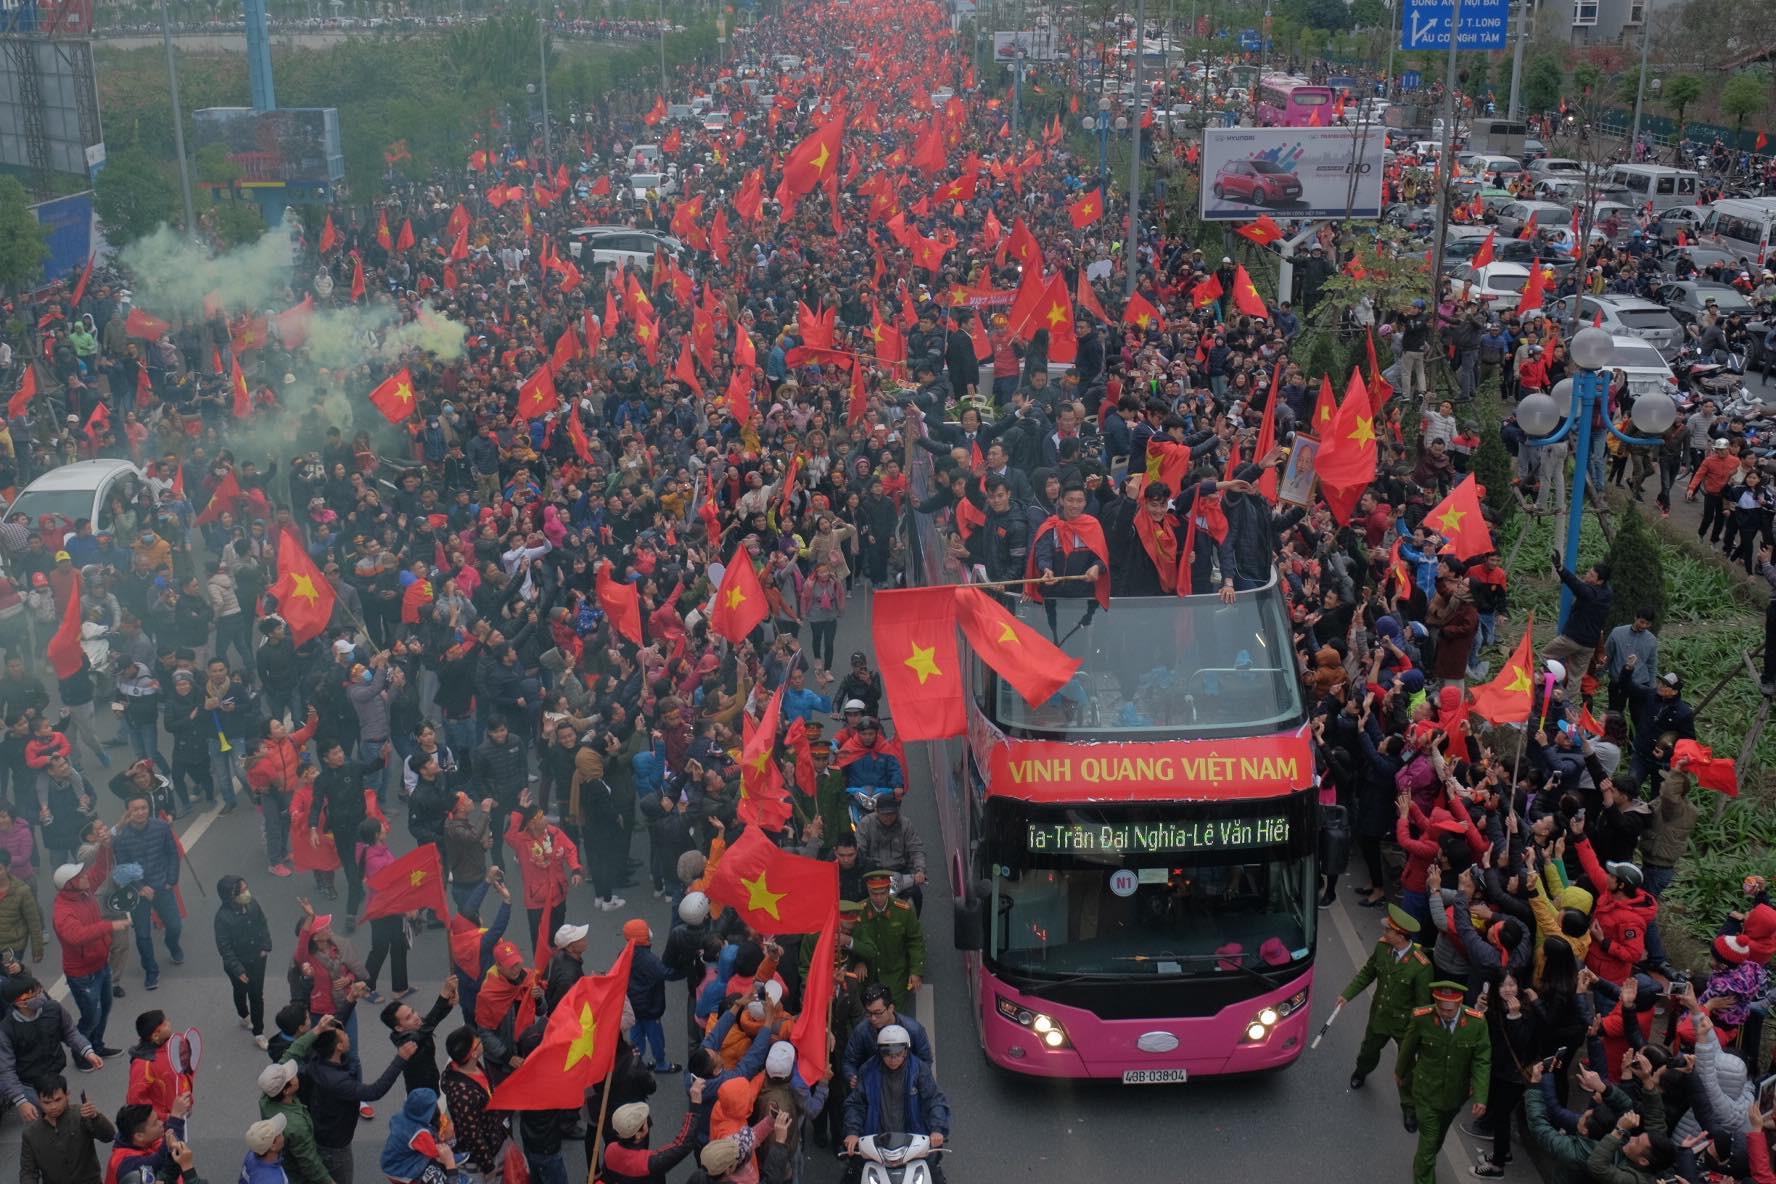 U23 Việt Nam báo công trước Lăng Bác, khép lại buổi diễu hành rộn ràng kéo dài 5 tiếng - Ảnh 2.